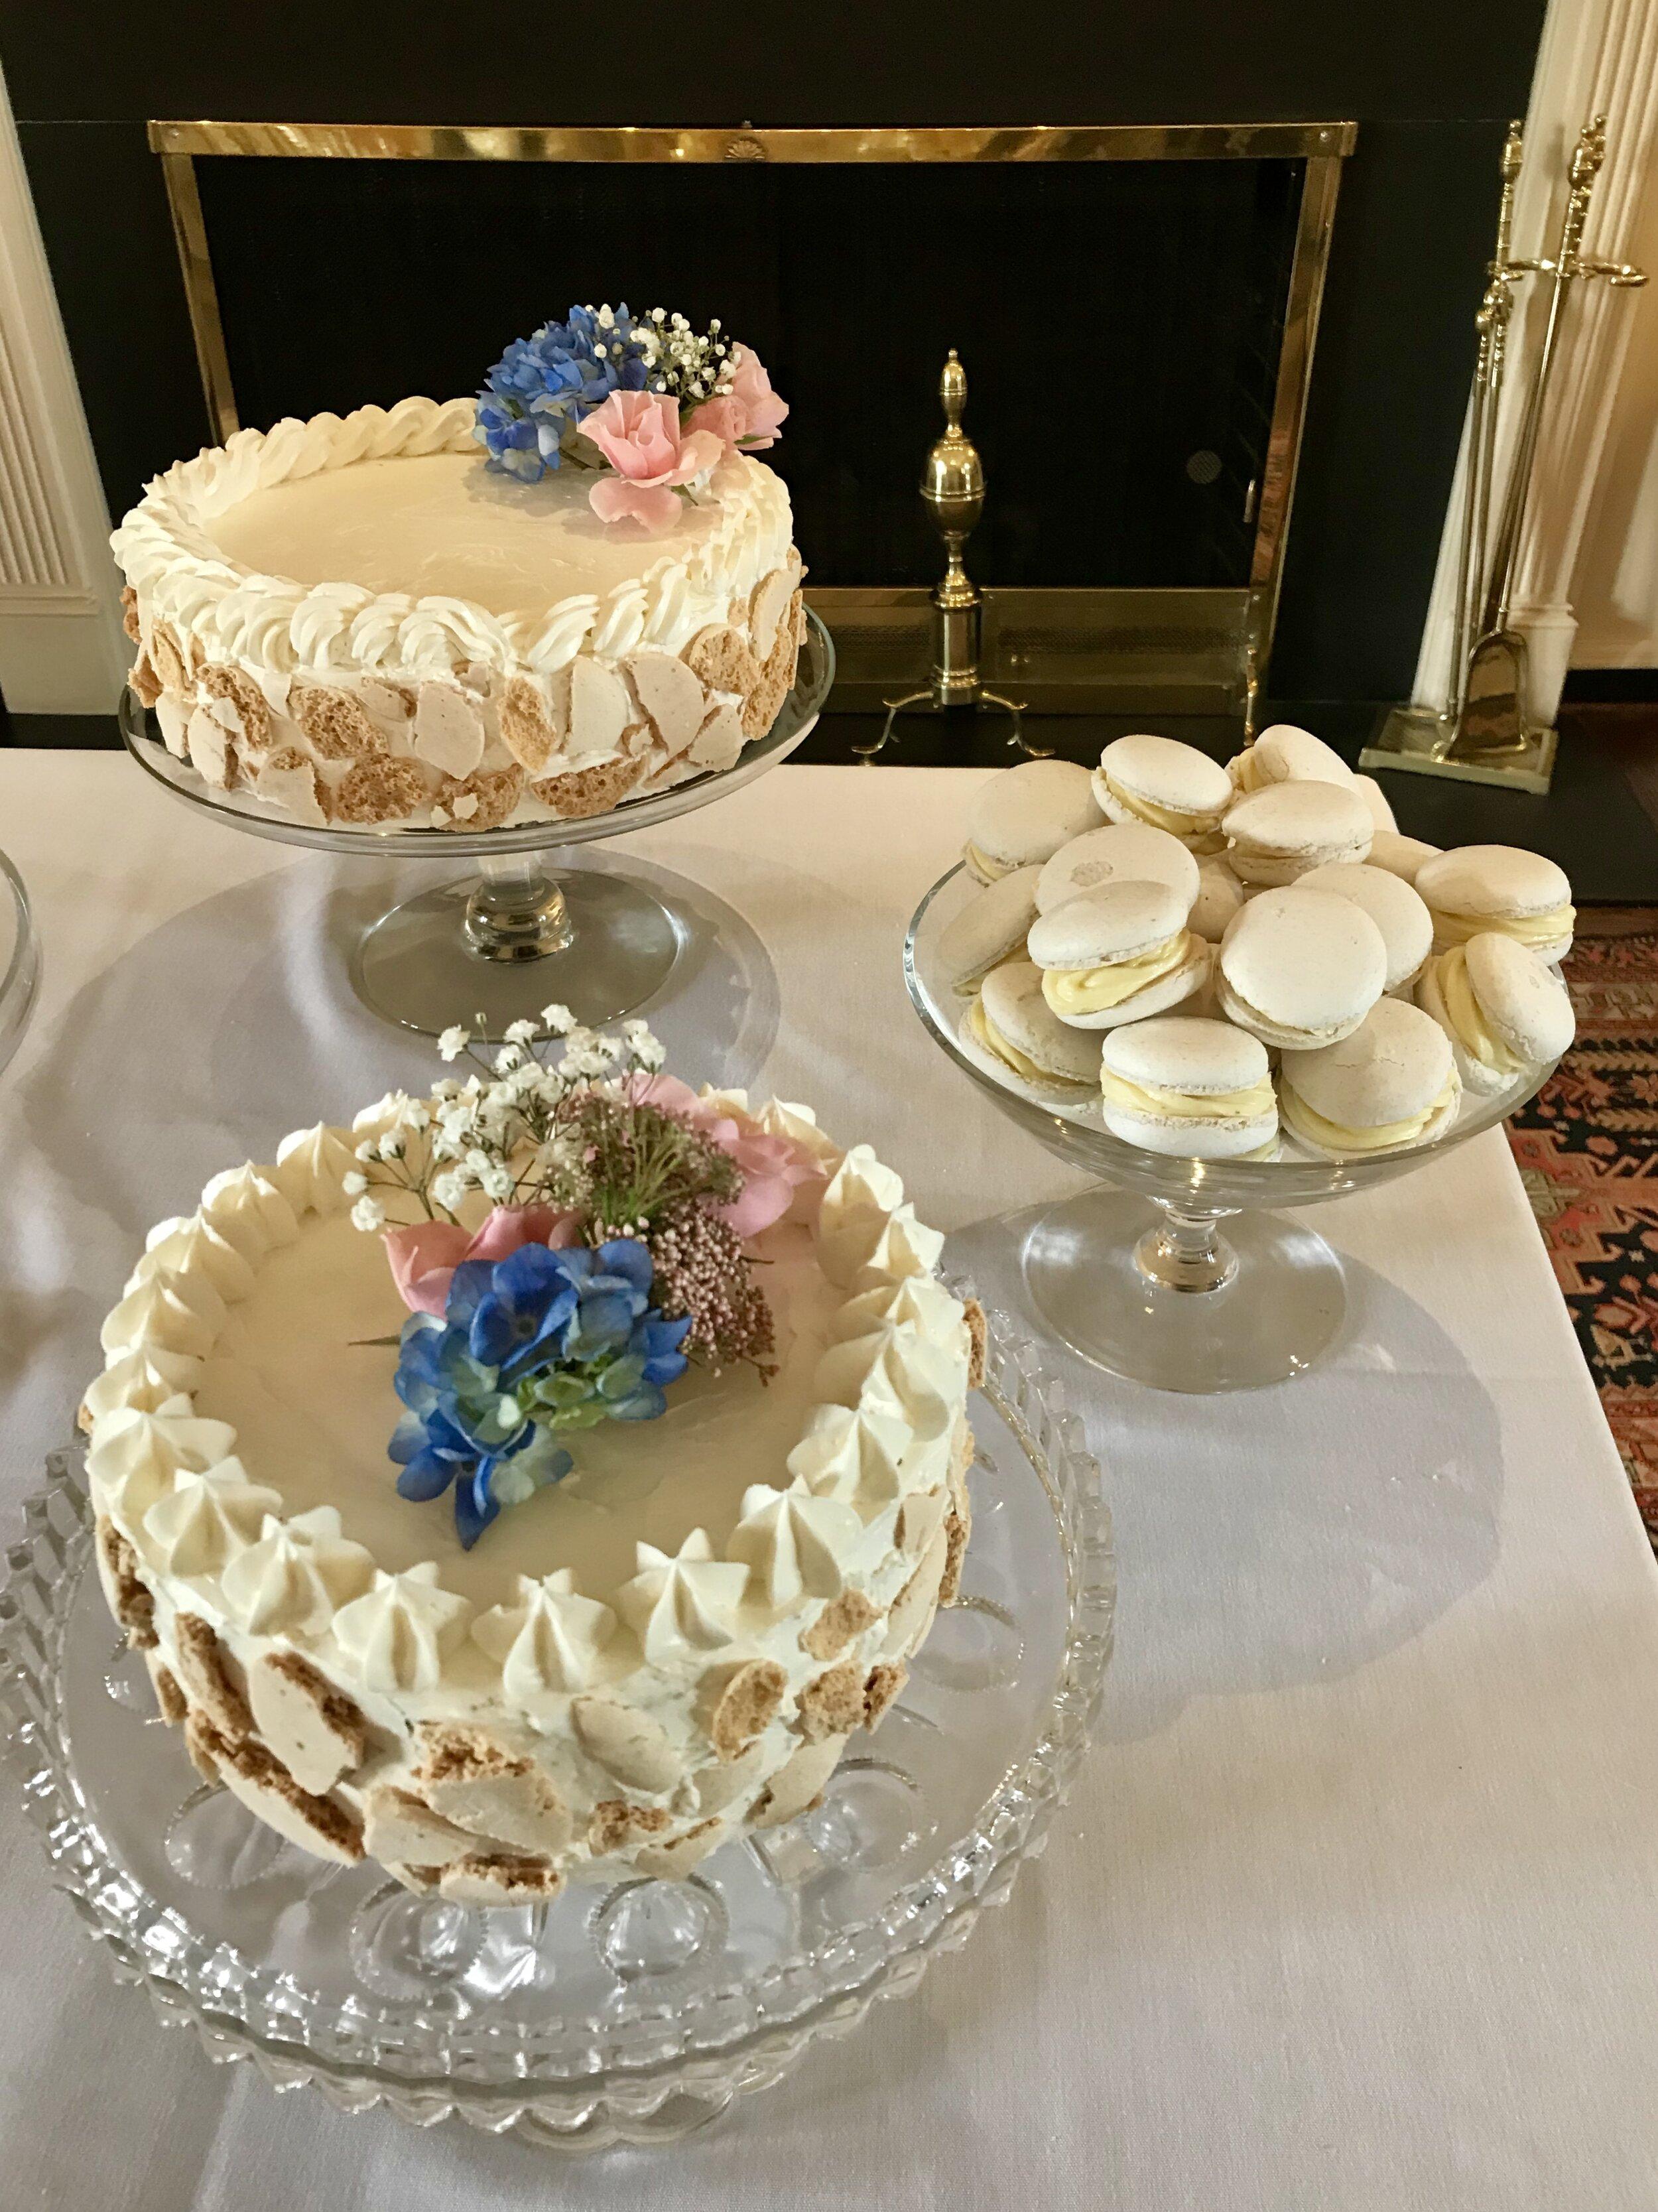 Seashell Christening Cakes.jpg